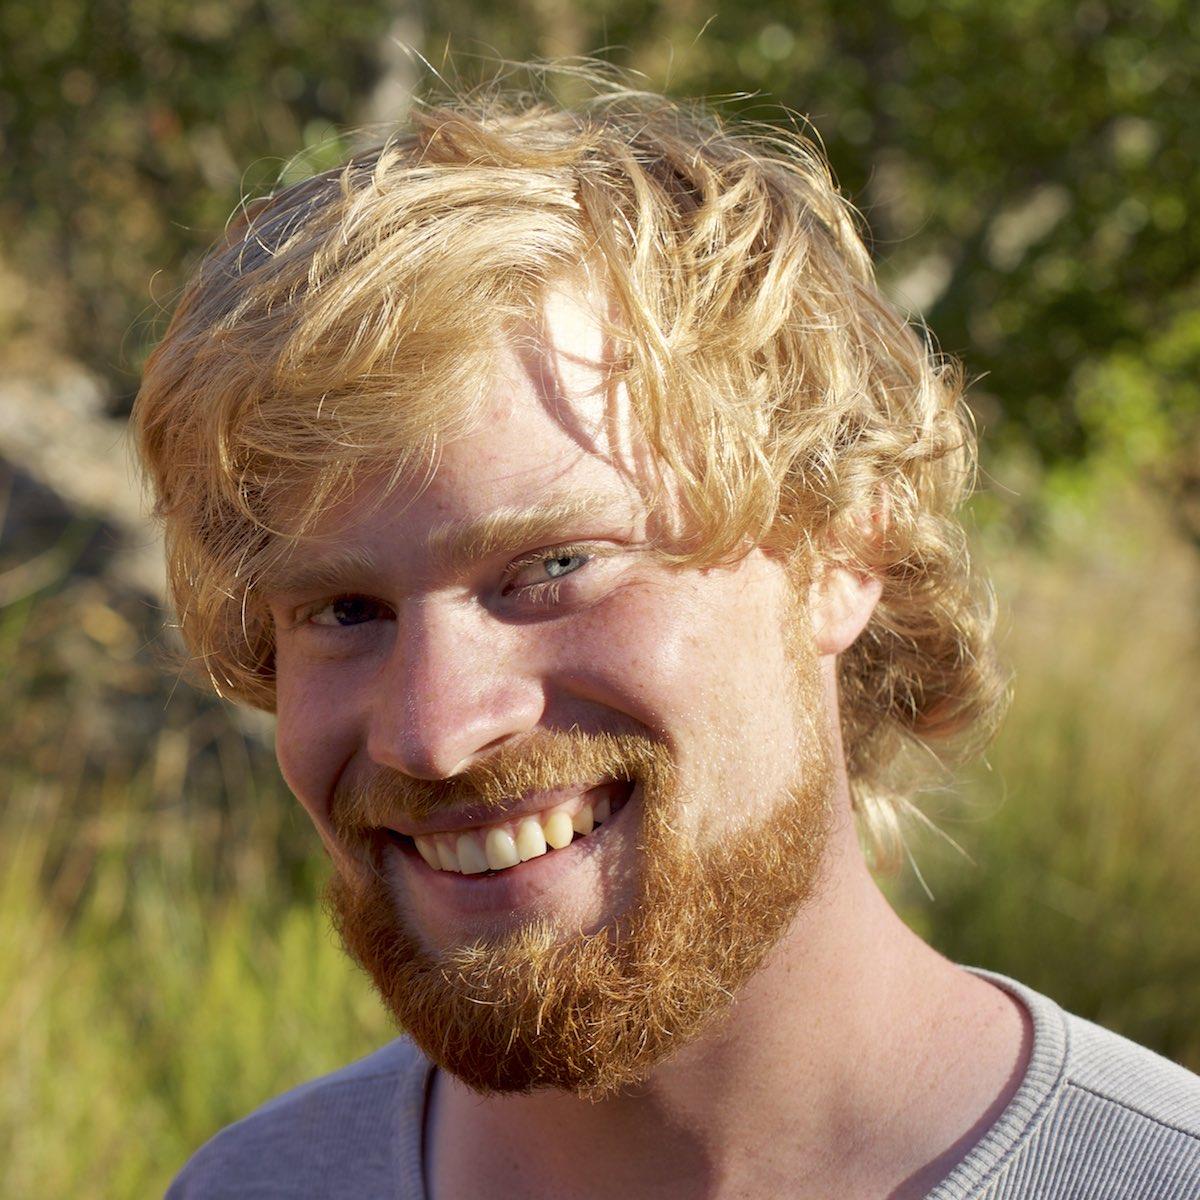 Bezauberndes Lächeln von Vin in schöner Natur, Permakultur Pionier im Alentejo, Portugal